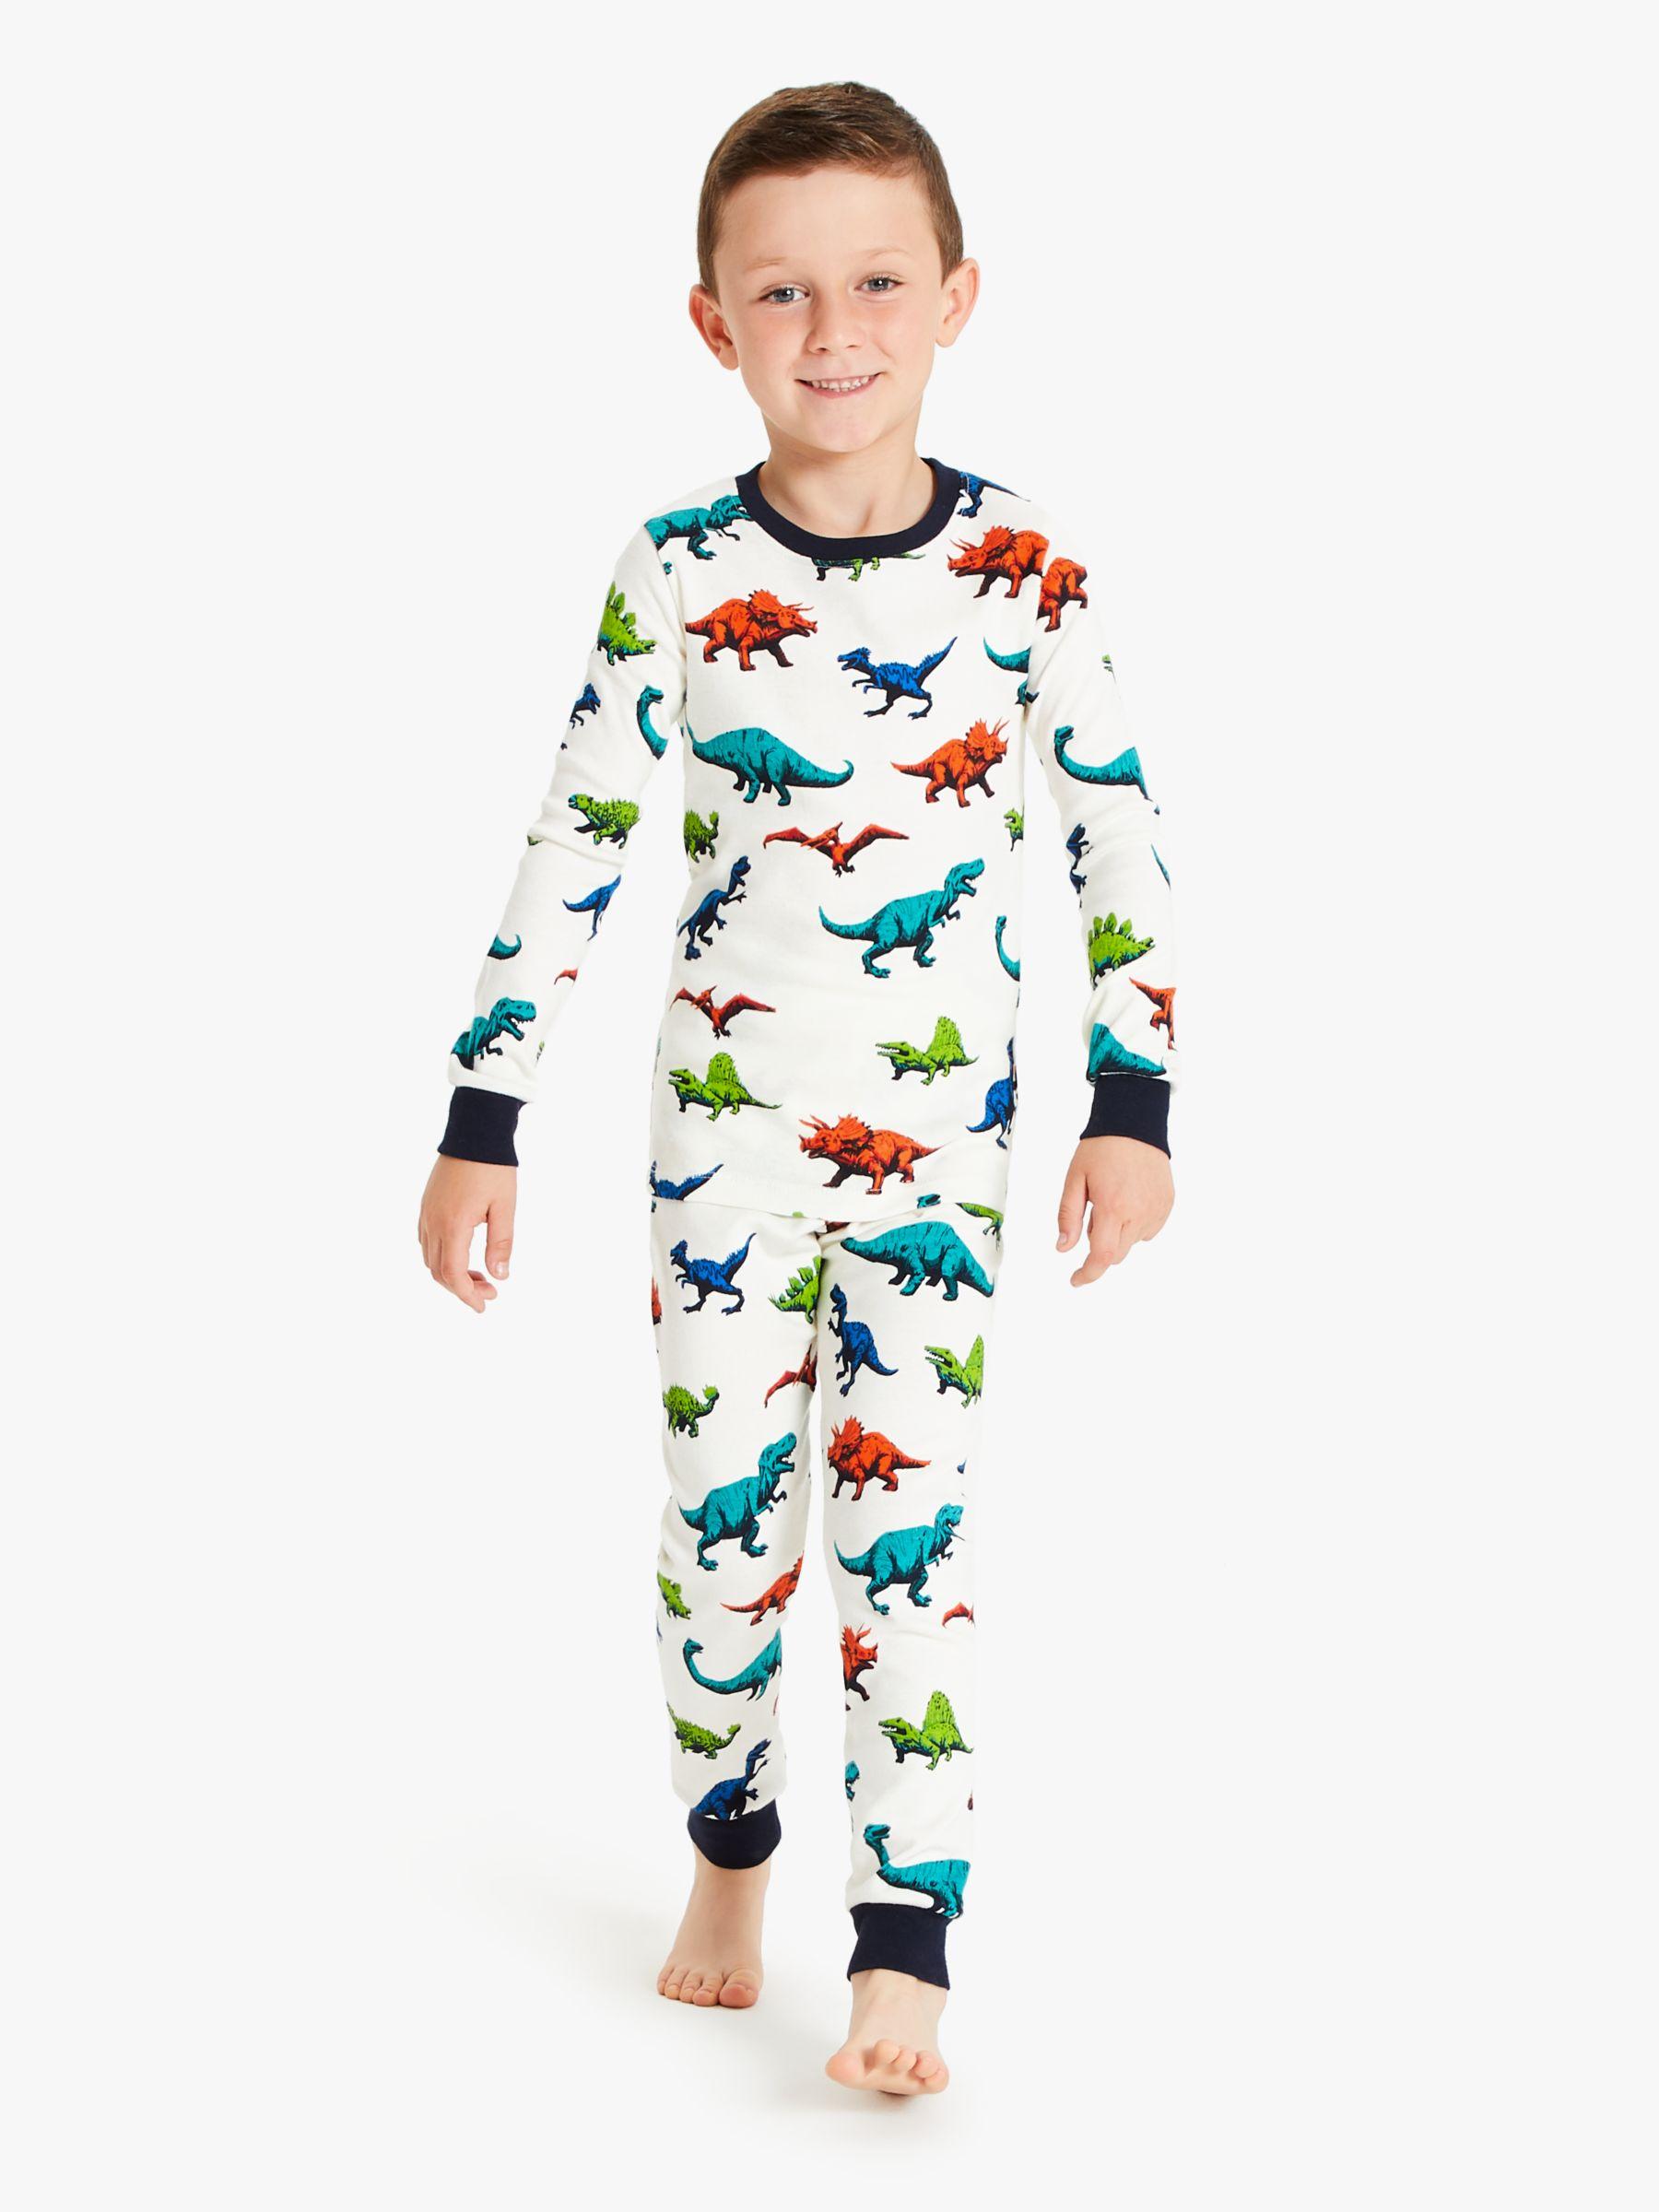 Hatley Hatley Boys' Dinosaur Herd Pyjamas, White/Multi